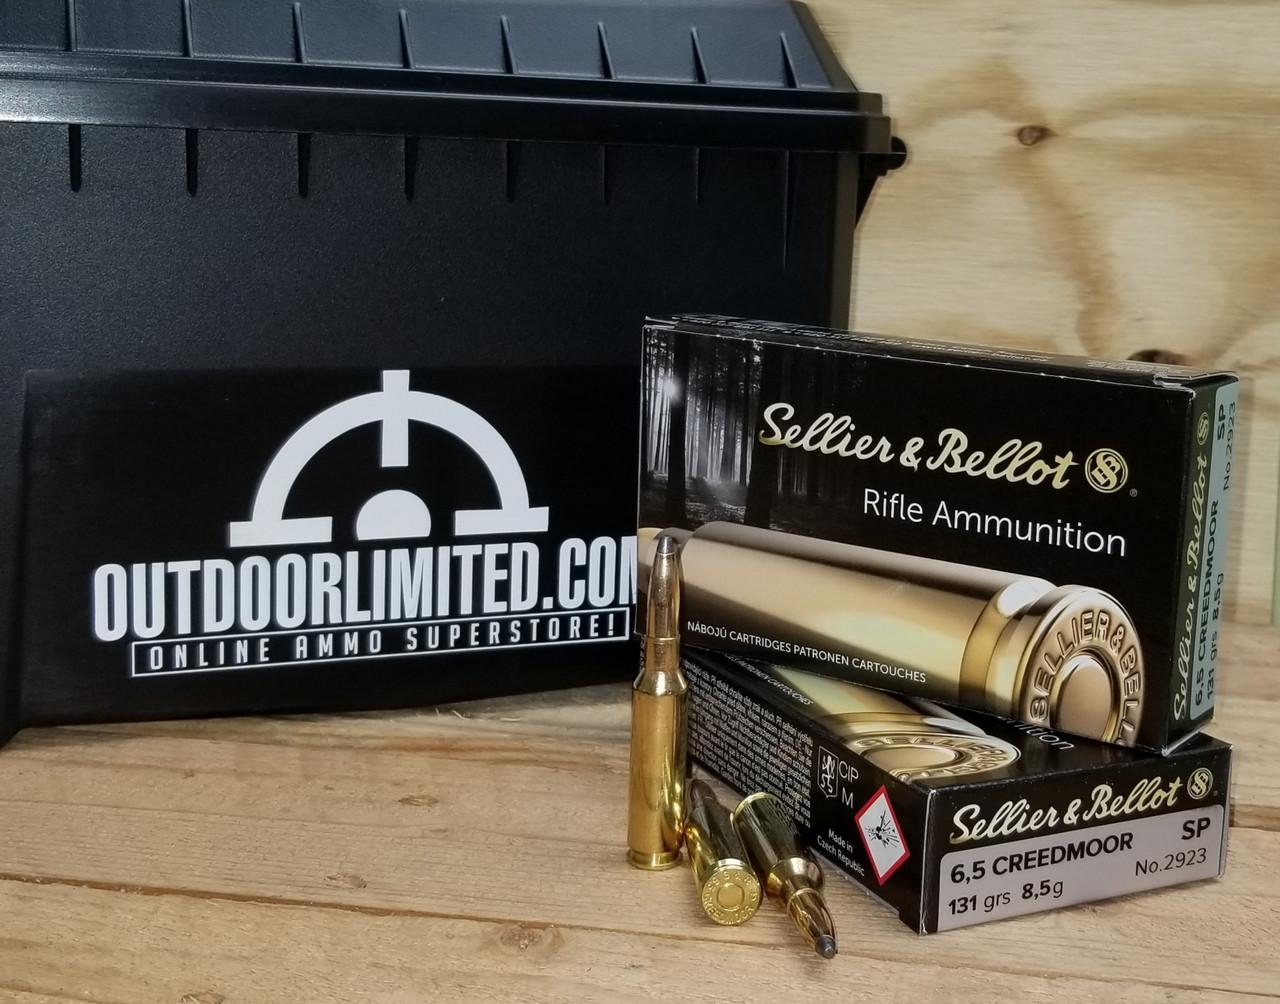 6 5mm Creedmoor Ammo | 6 5mm | Bulk 6 5mm Creedmoor Ammo